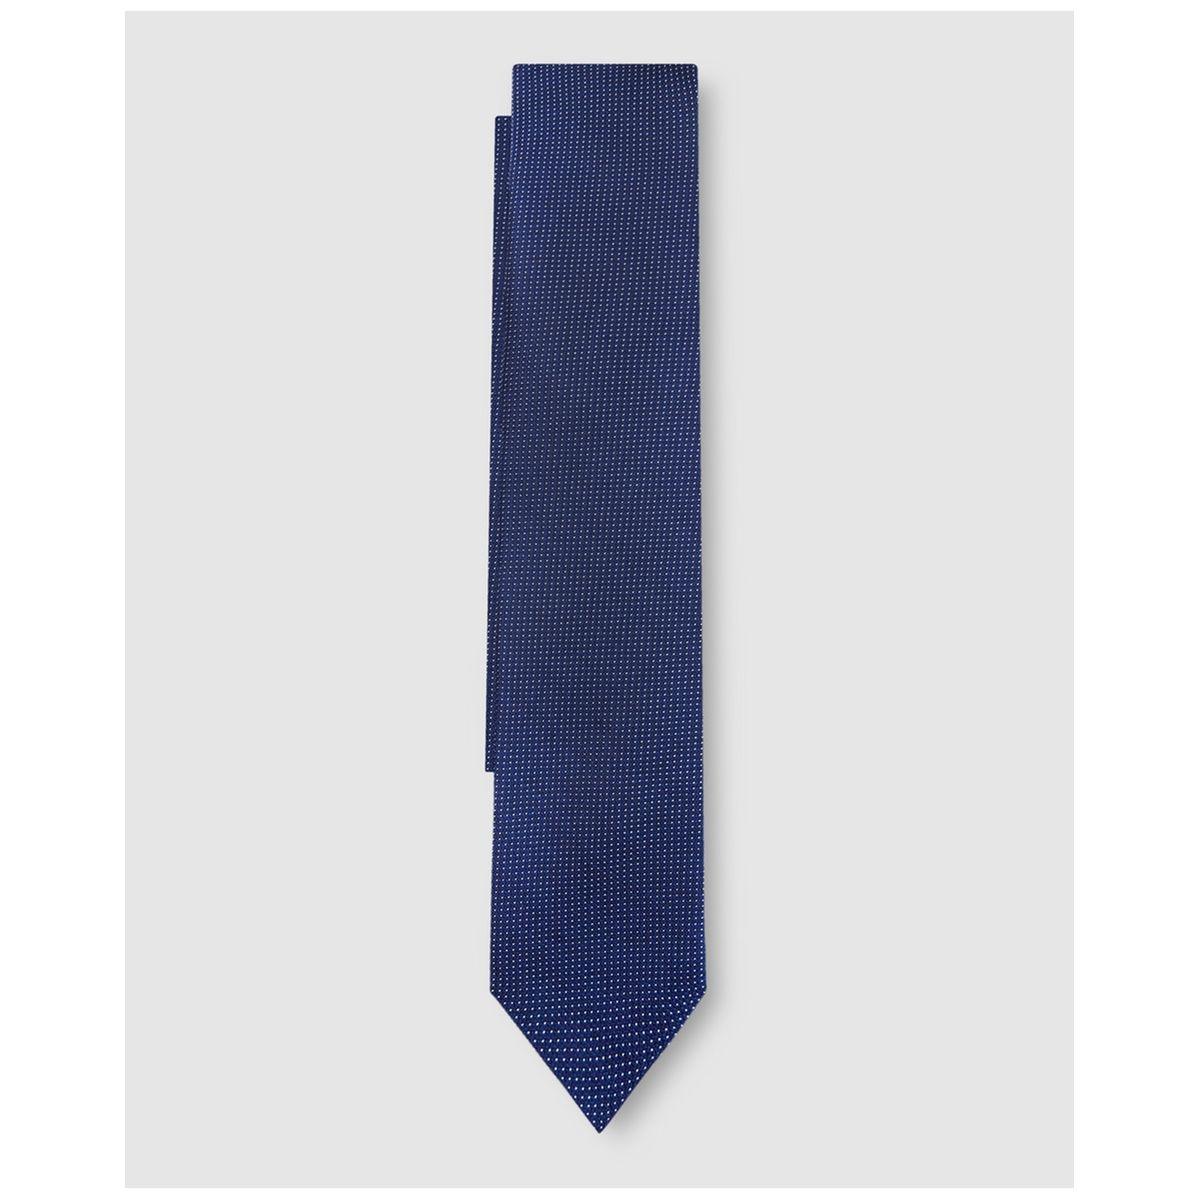 Cravate en soie bleu marine microimprimé à motif